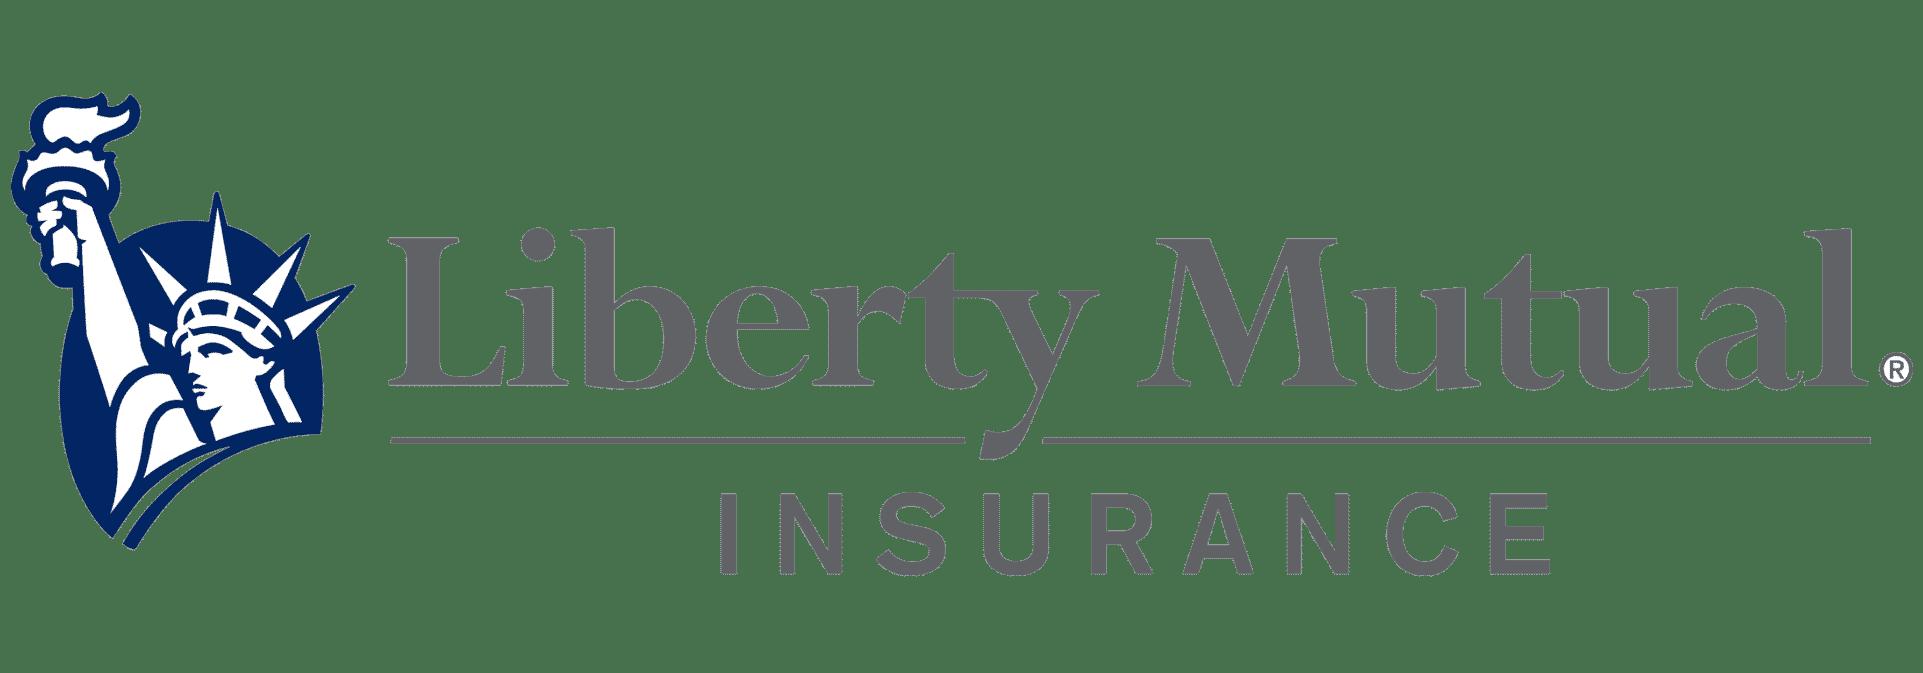 liberty mutual insurance e1624600963697